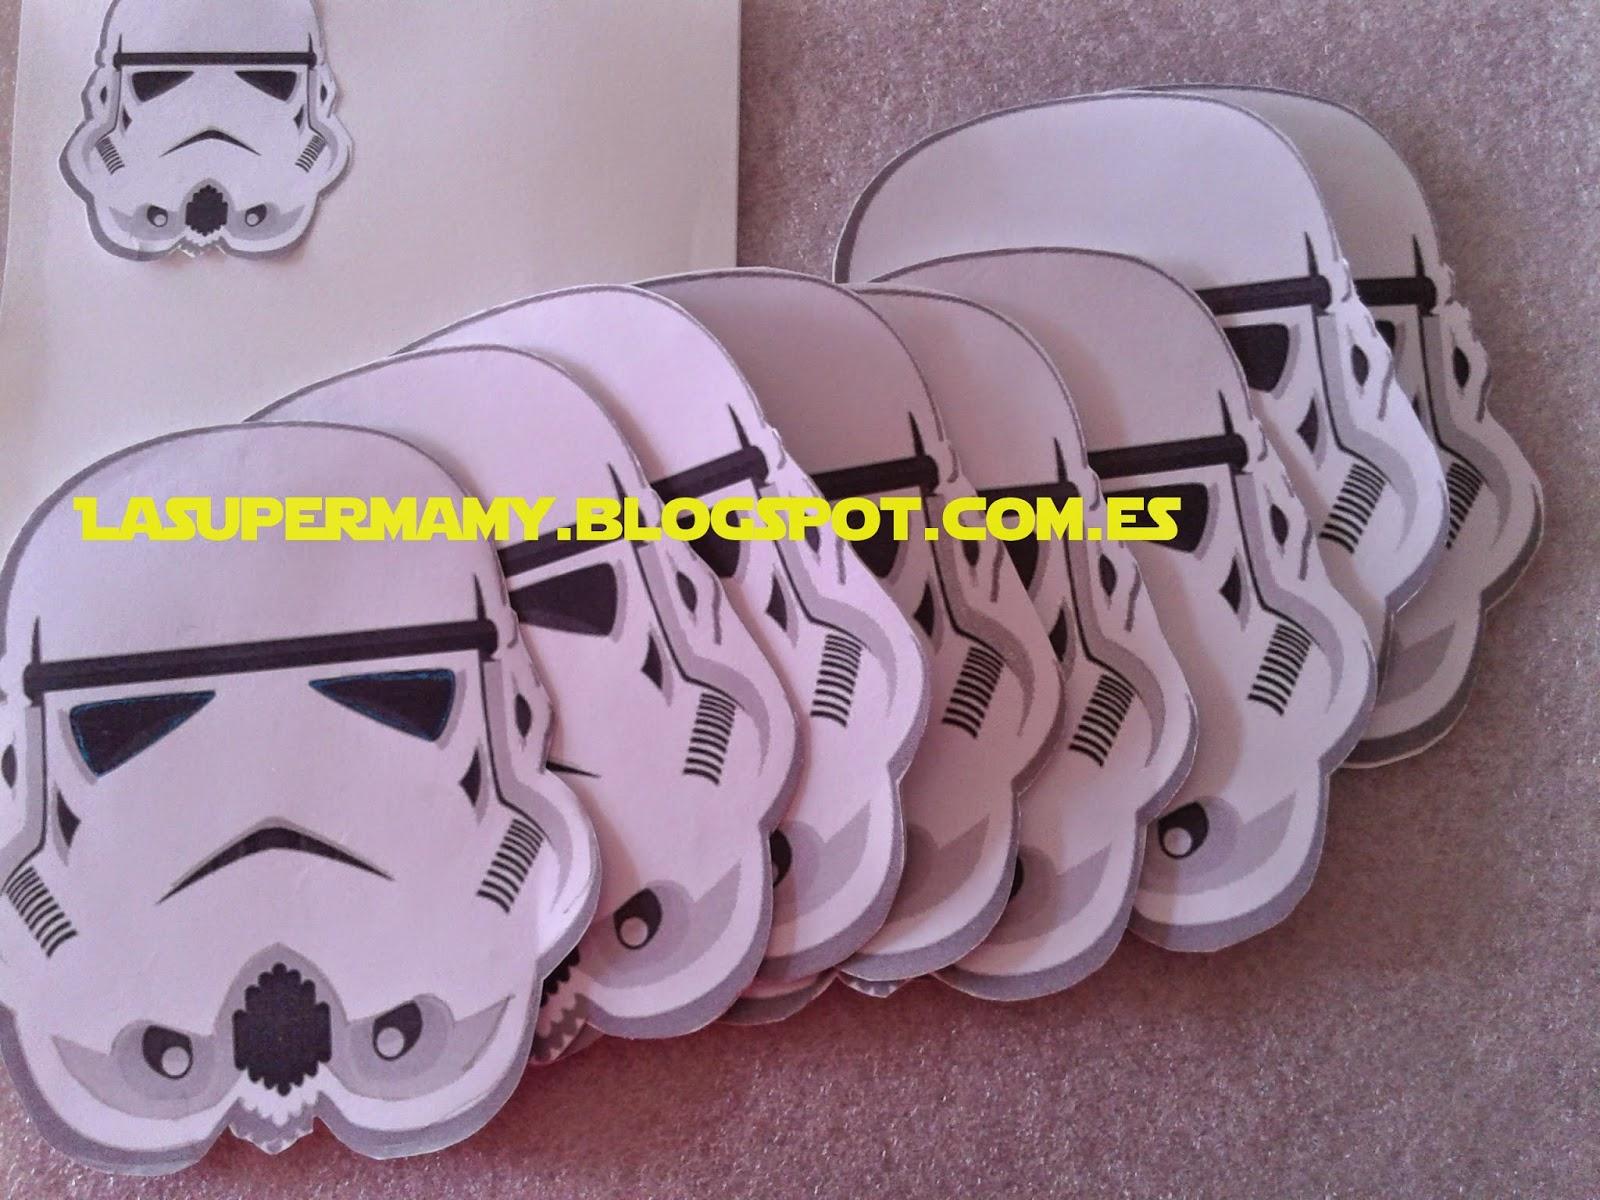 La Super Mamy: Cumple: Invitación Stormtrooper (Star Wars)